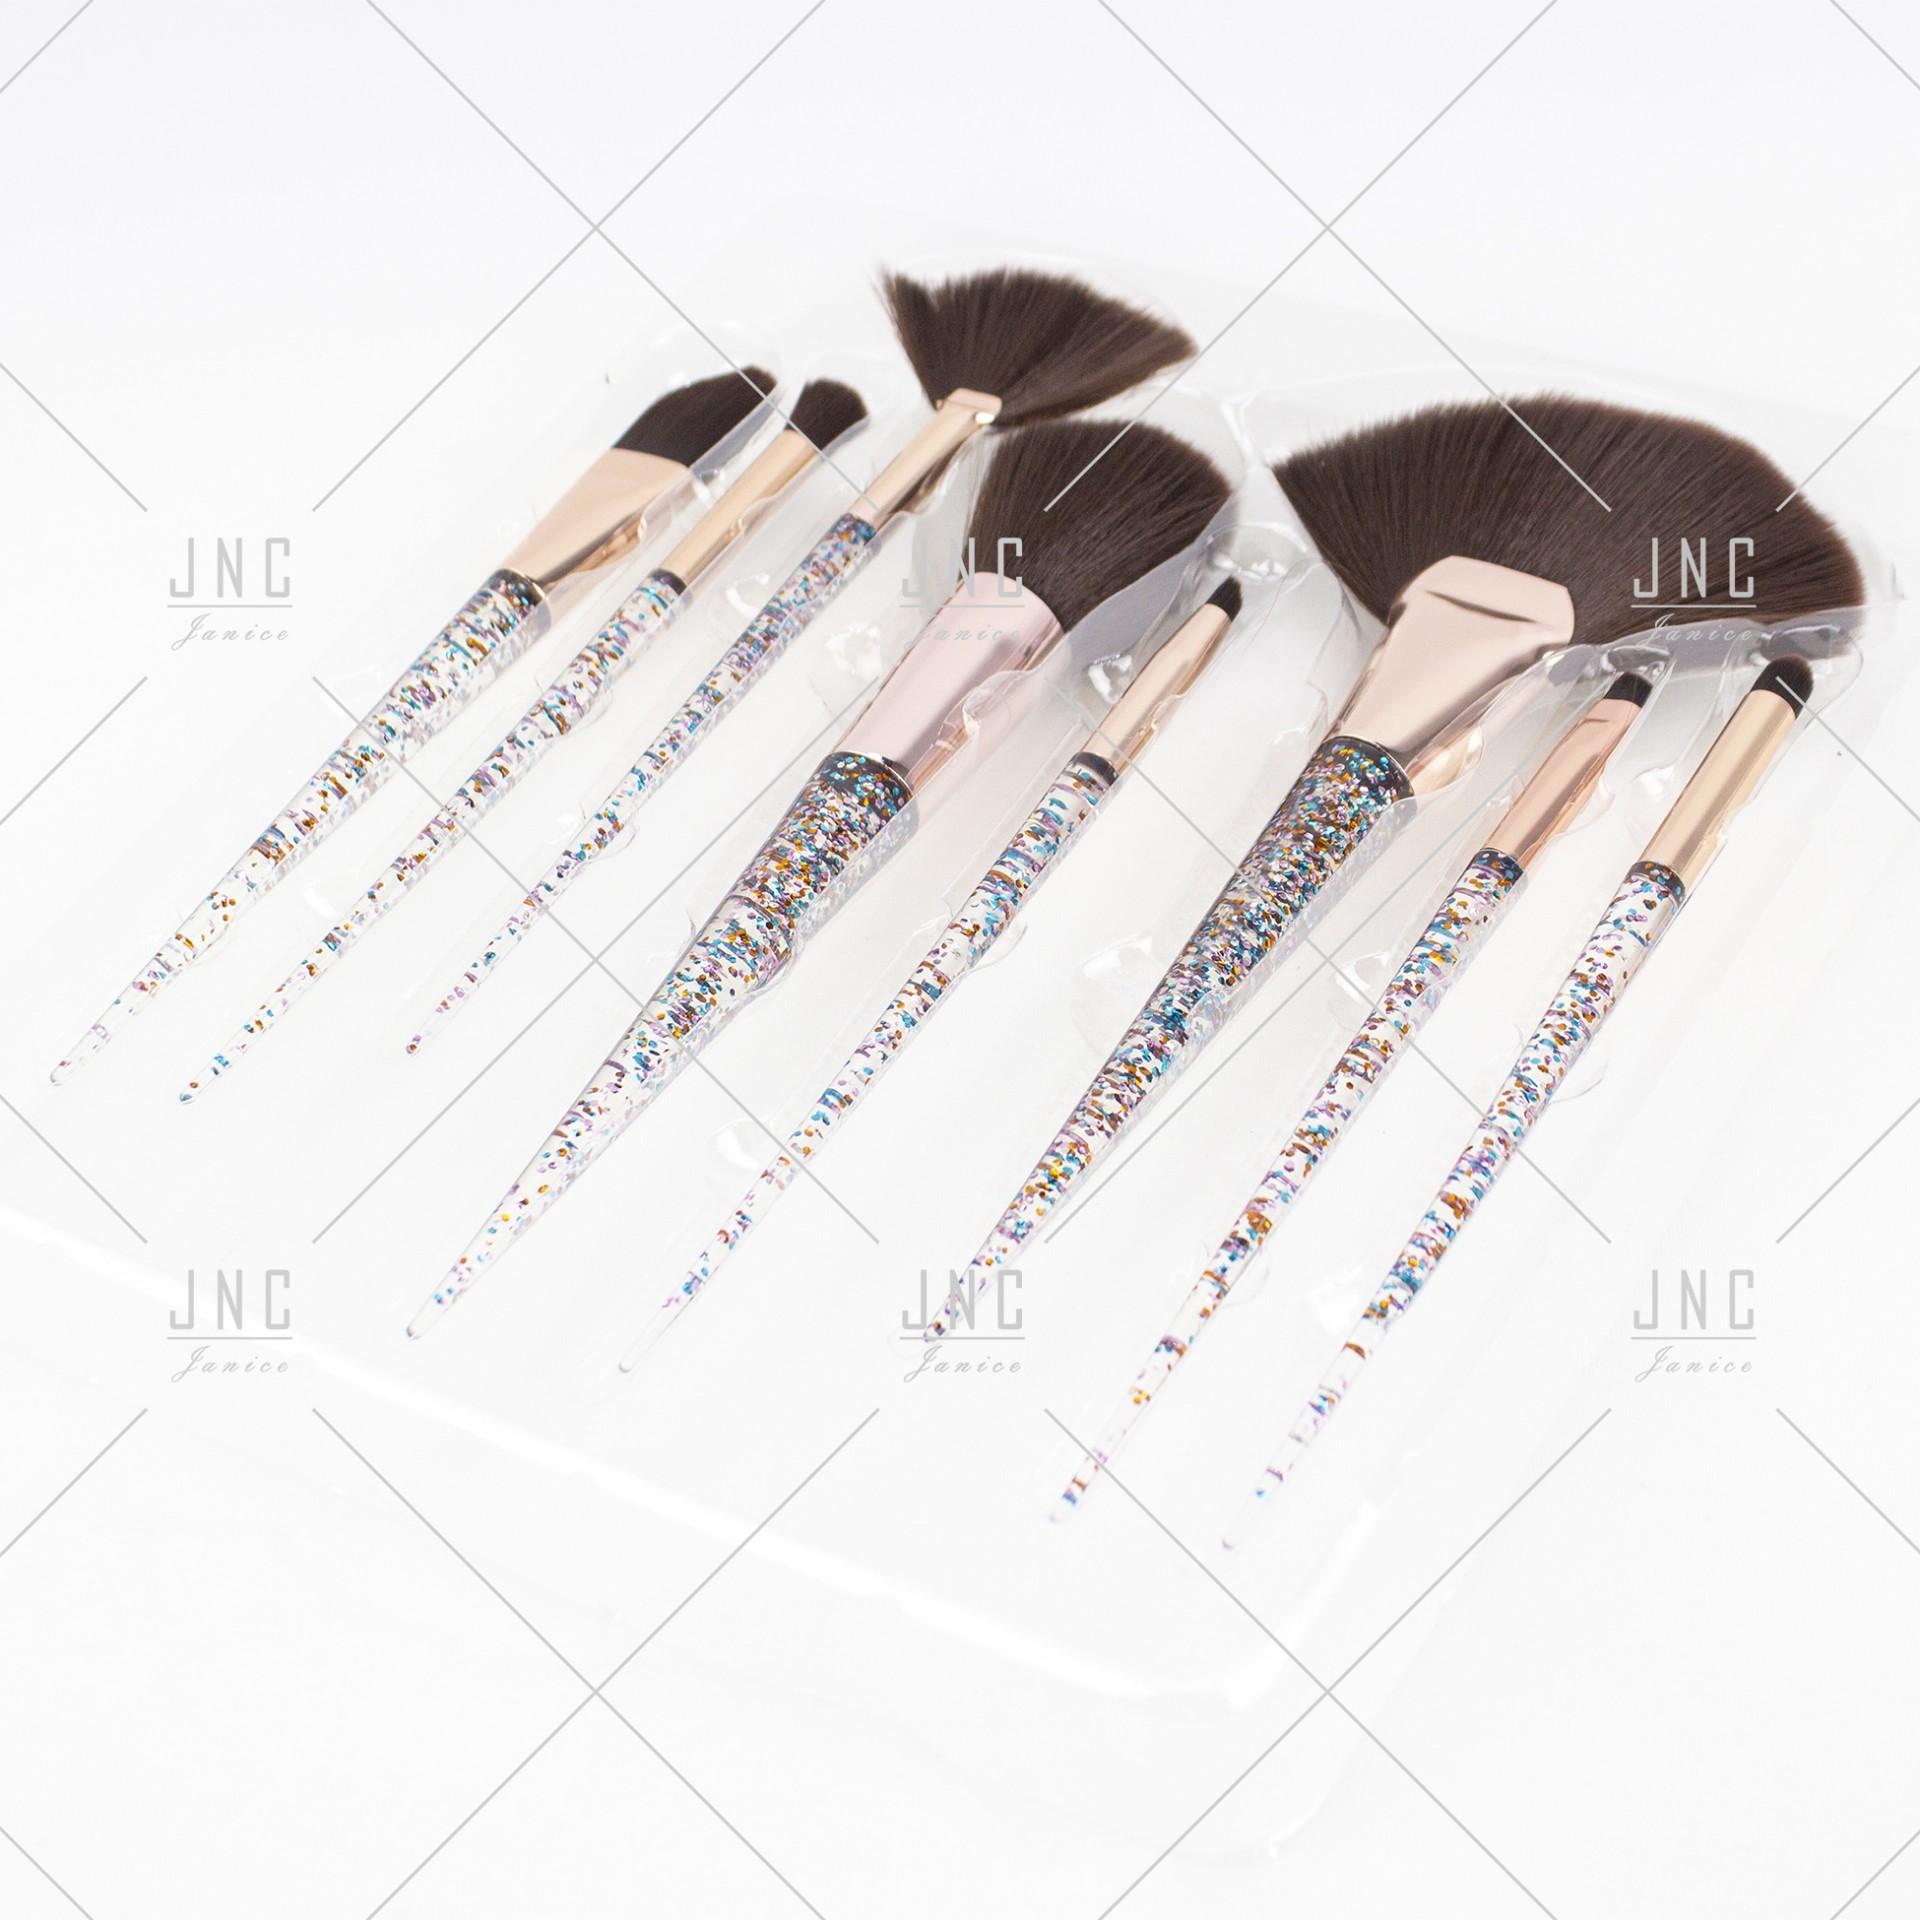 Pincéis de Maquilhagem | Ref.862492